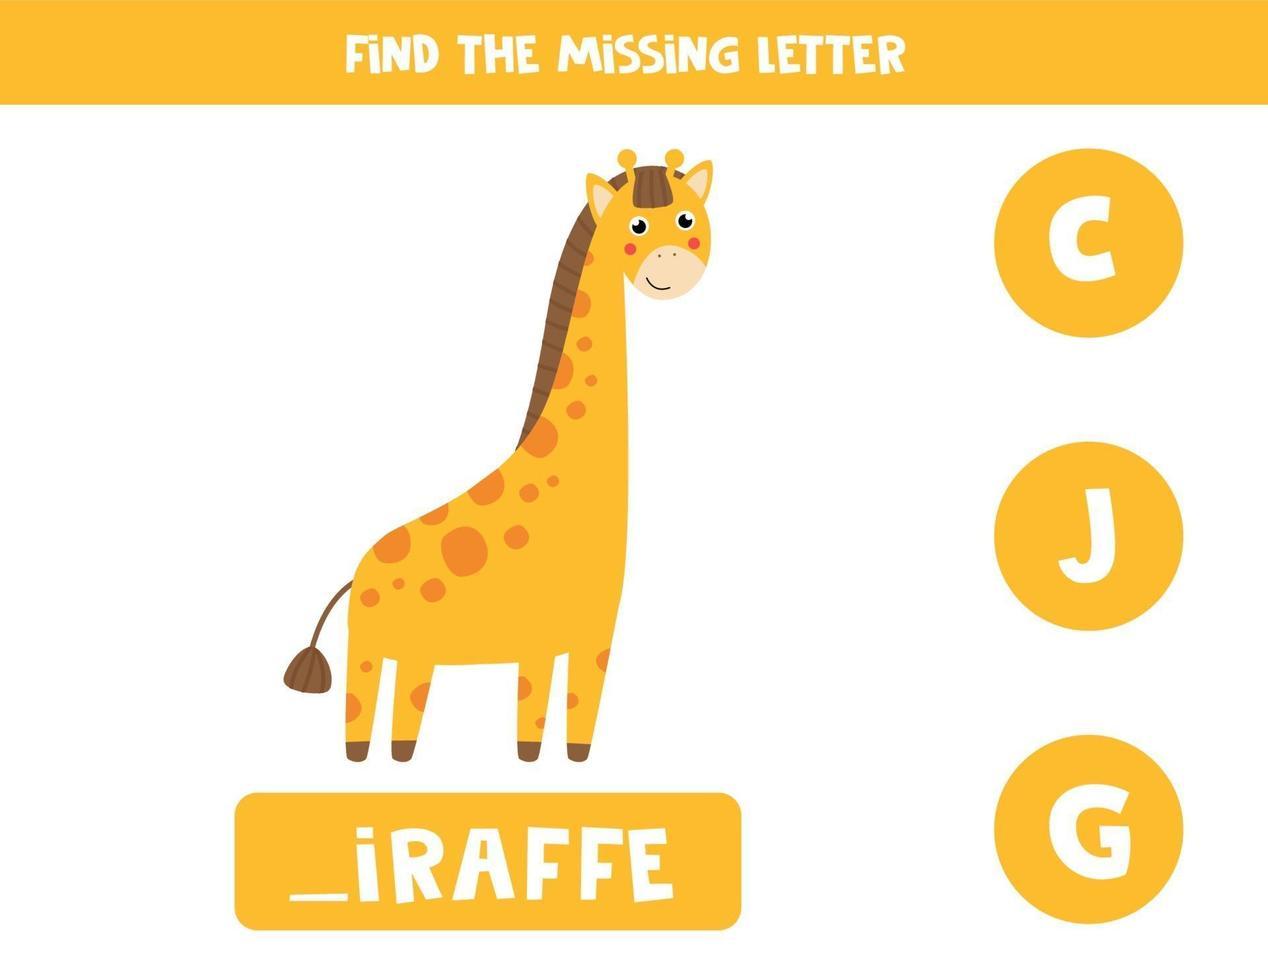 trova la lettera mancante e scrivila. giraffa simpatico cartone animato. vettore